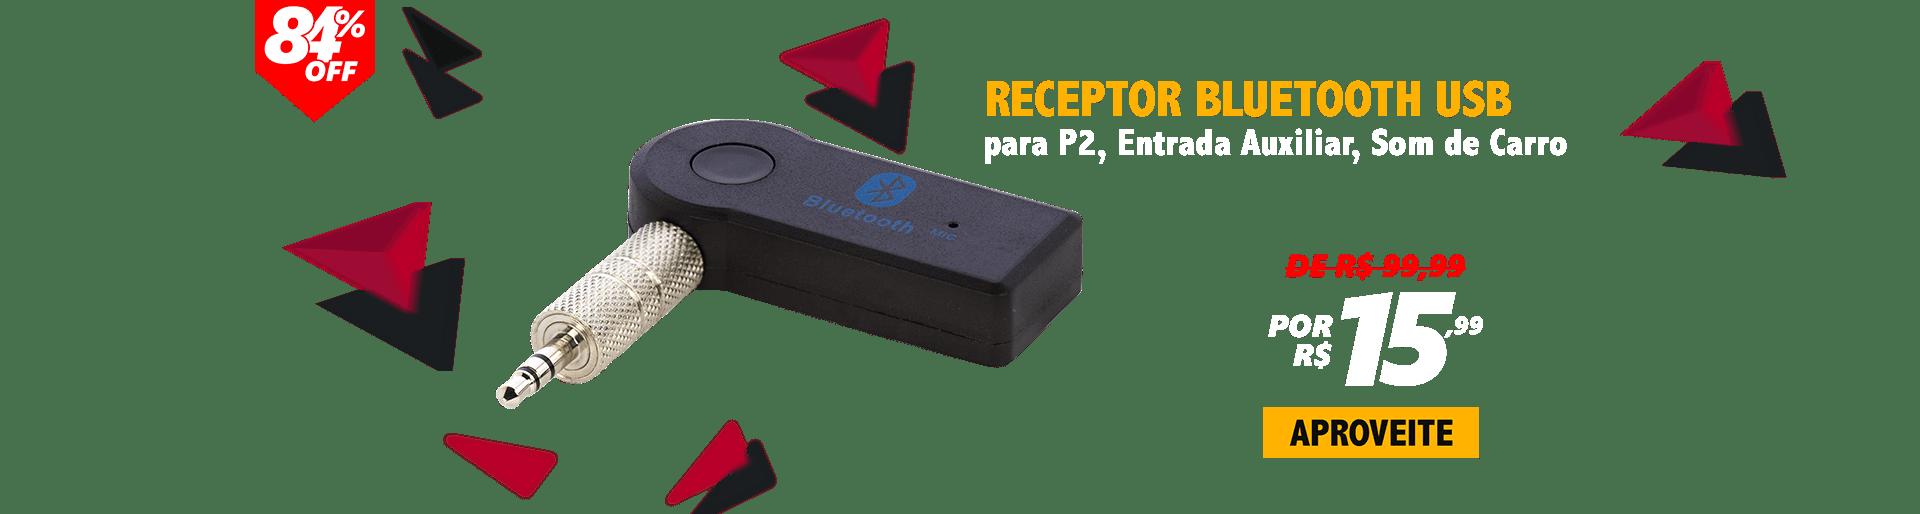 receptor-bluetooth-usb-para-p2-saida-auxiliar-som-de-carro